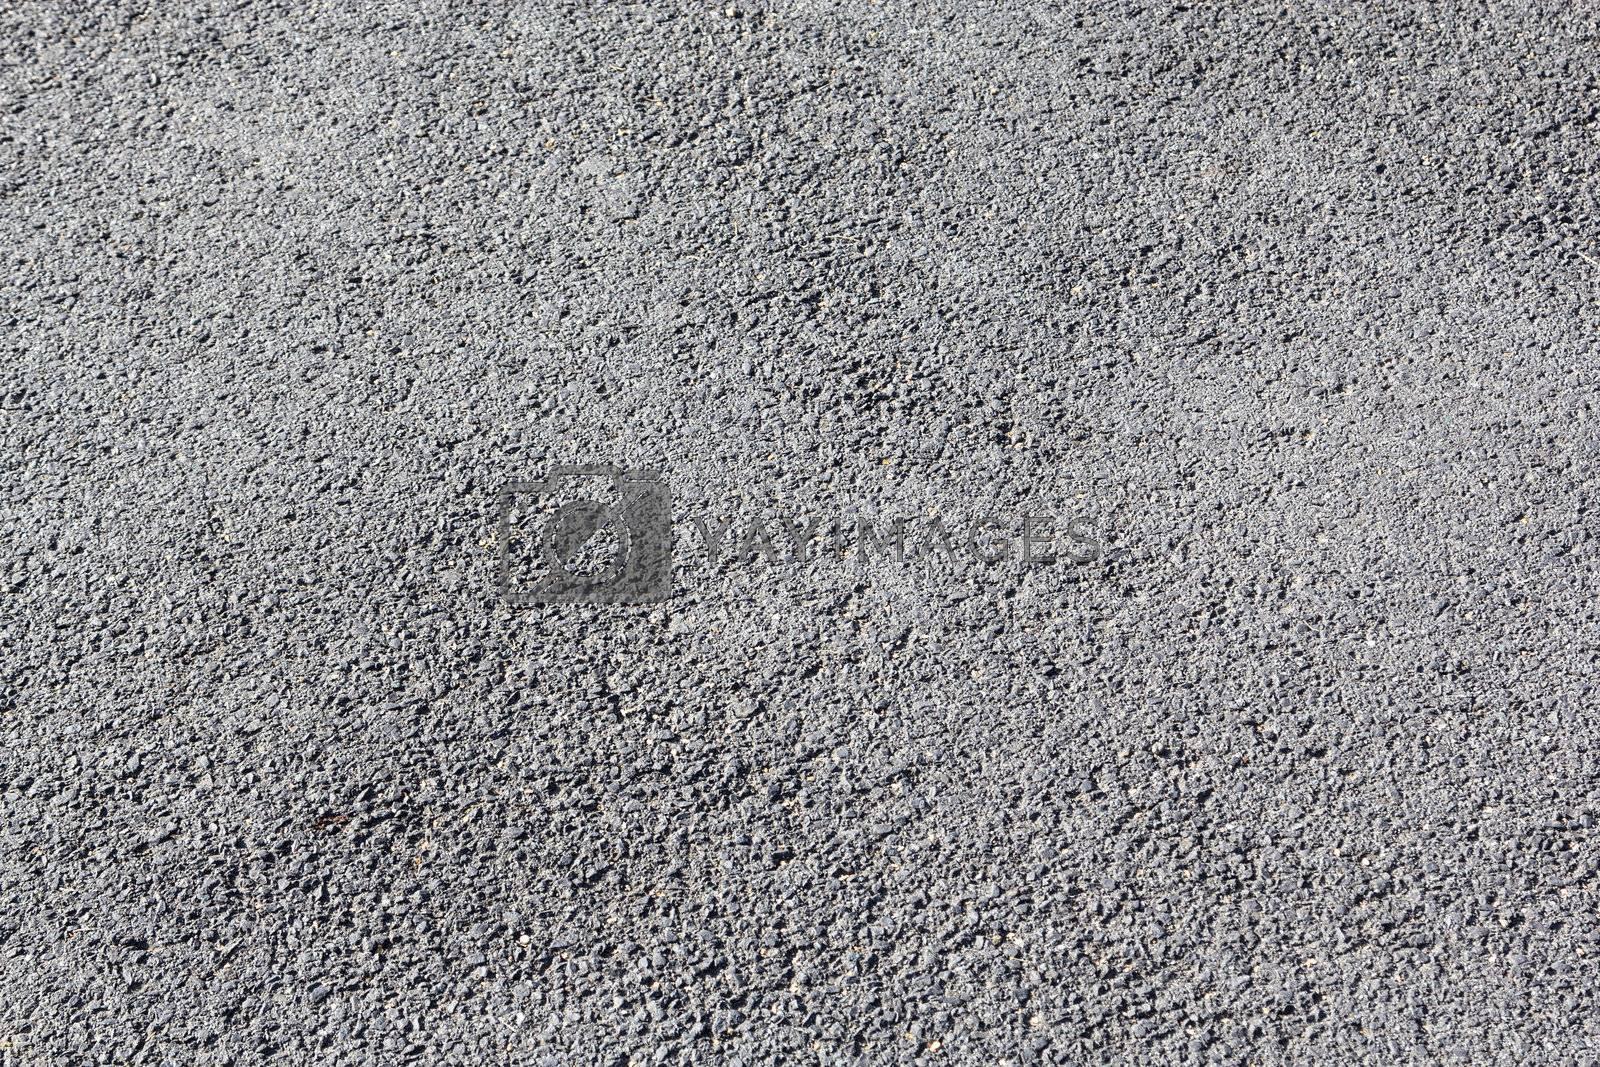 harmonic concrete background